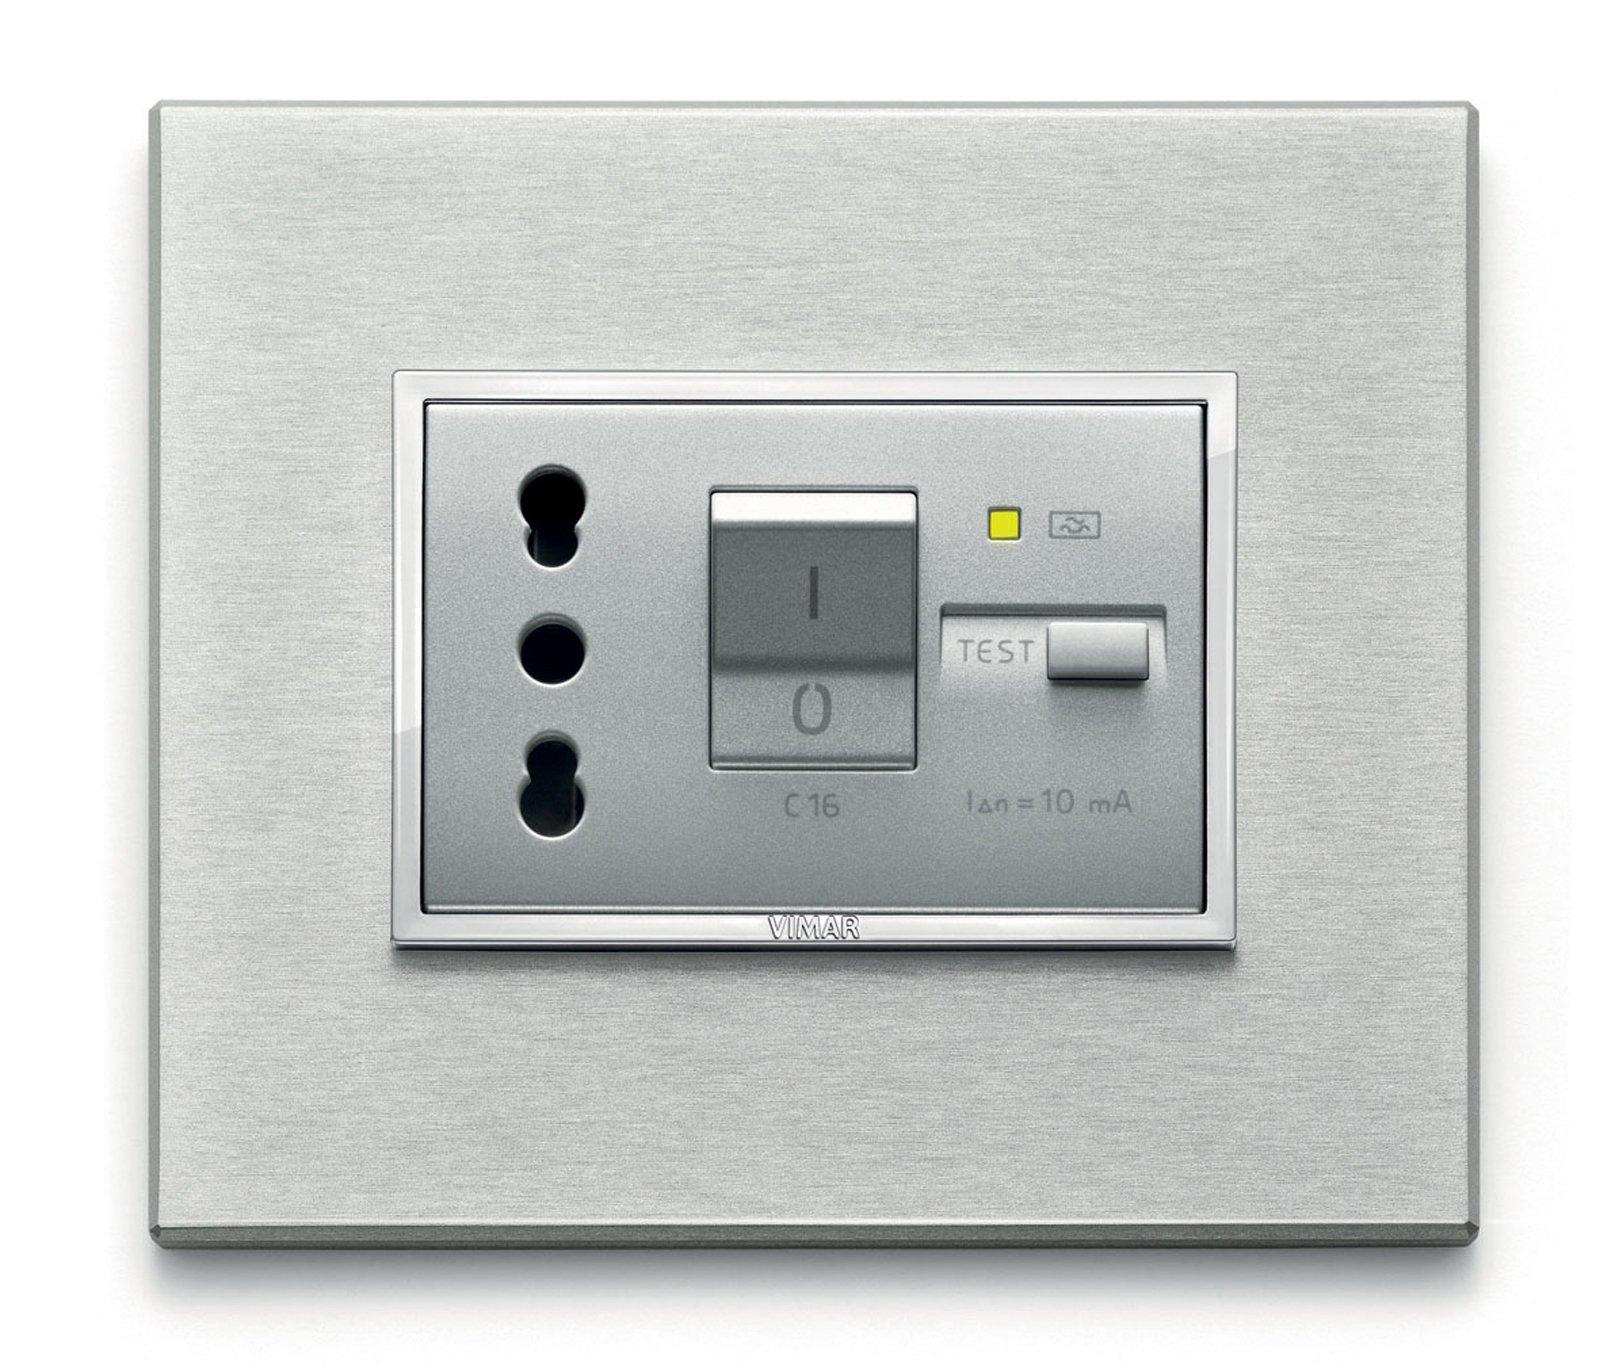 Impianto elettrico nuovo come va fatto cose di casa - Filodiffusione in casa ...